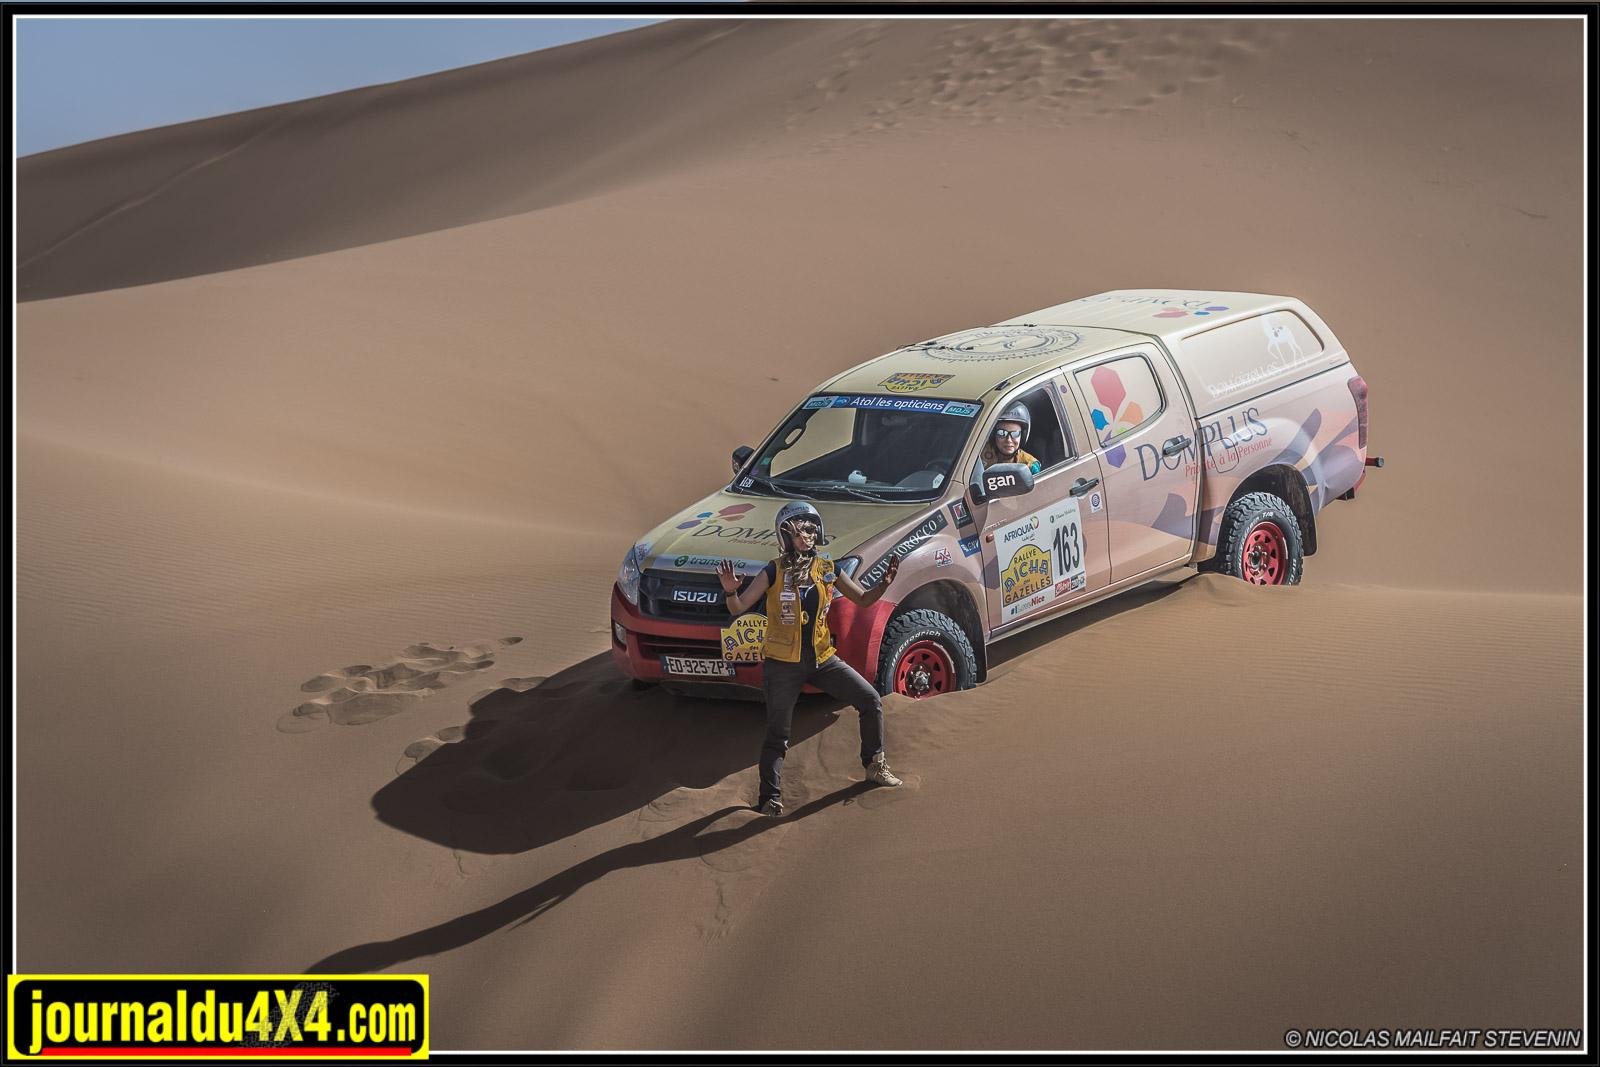 rallye-aicha-gazelles-maroc-2017-7644.jpg